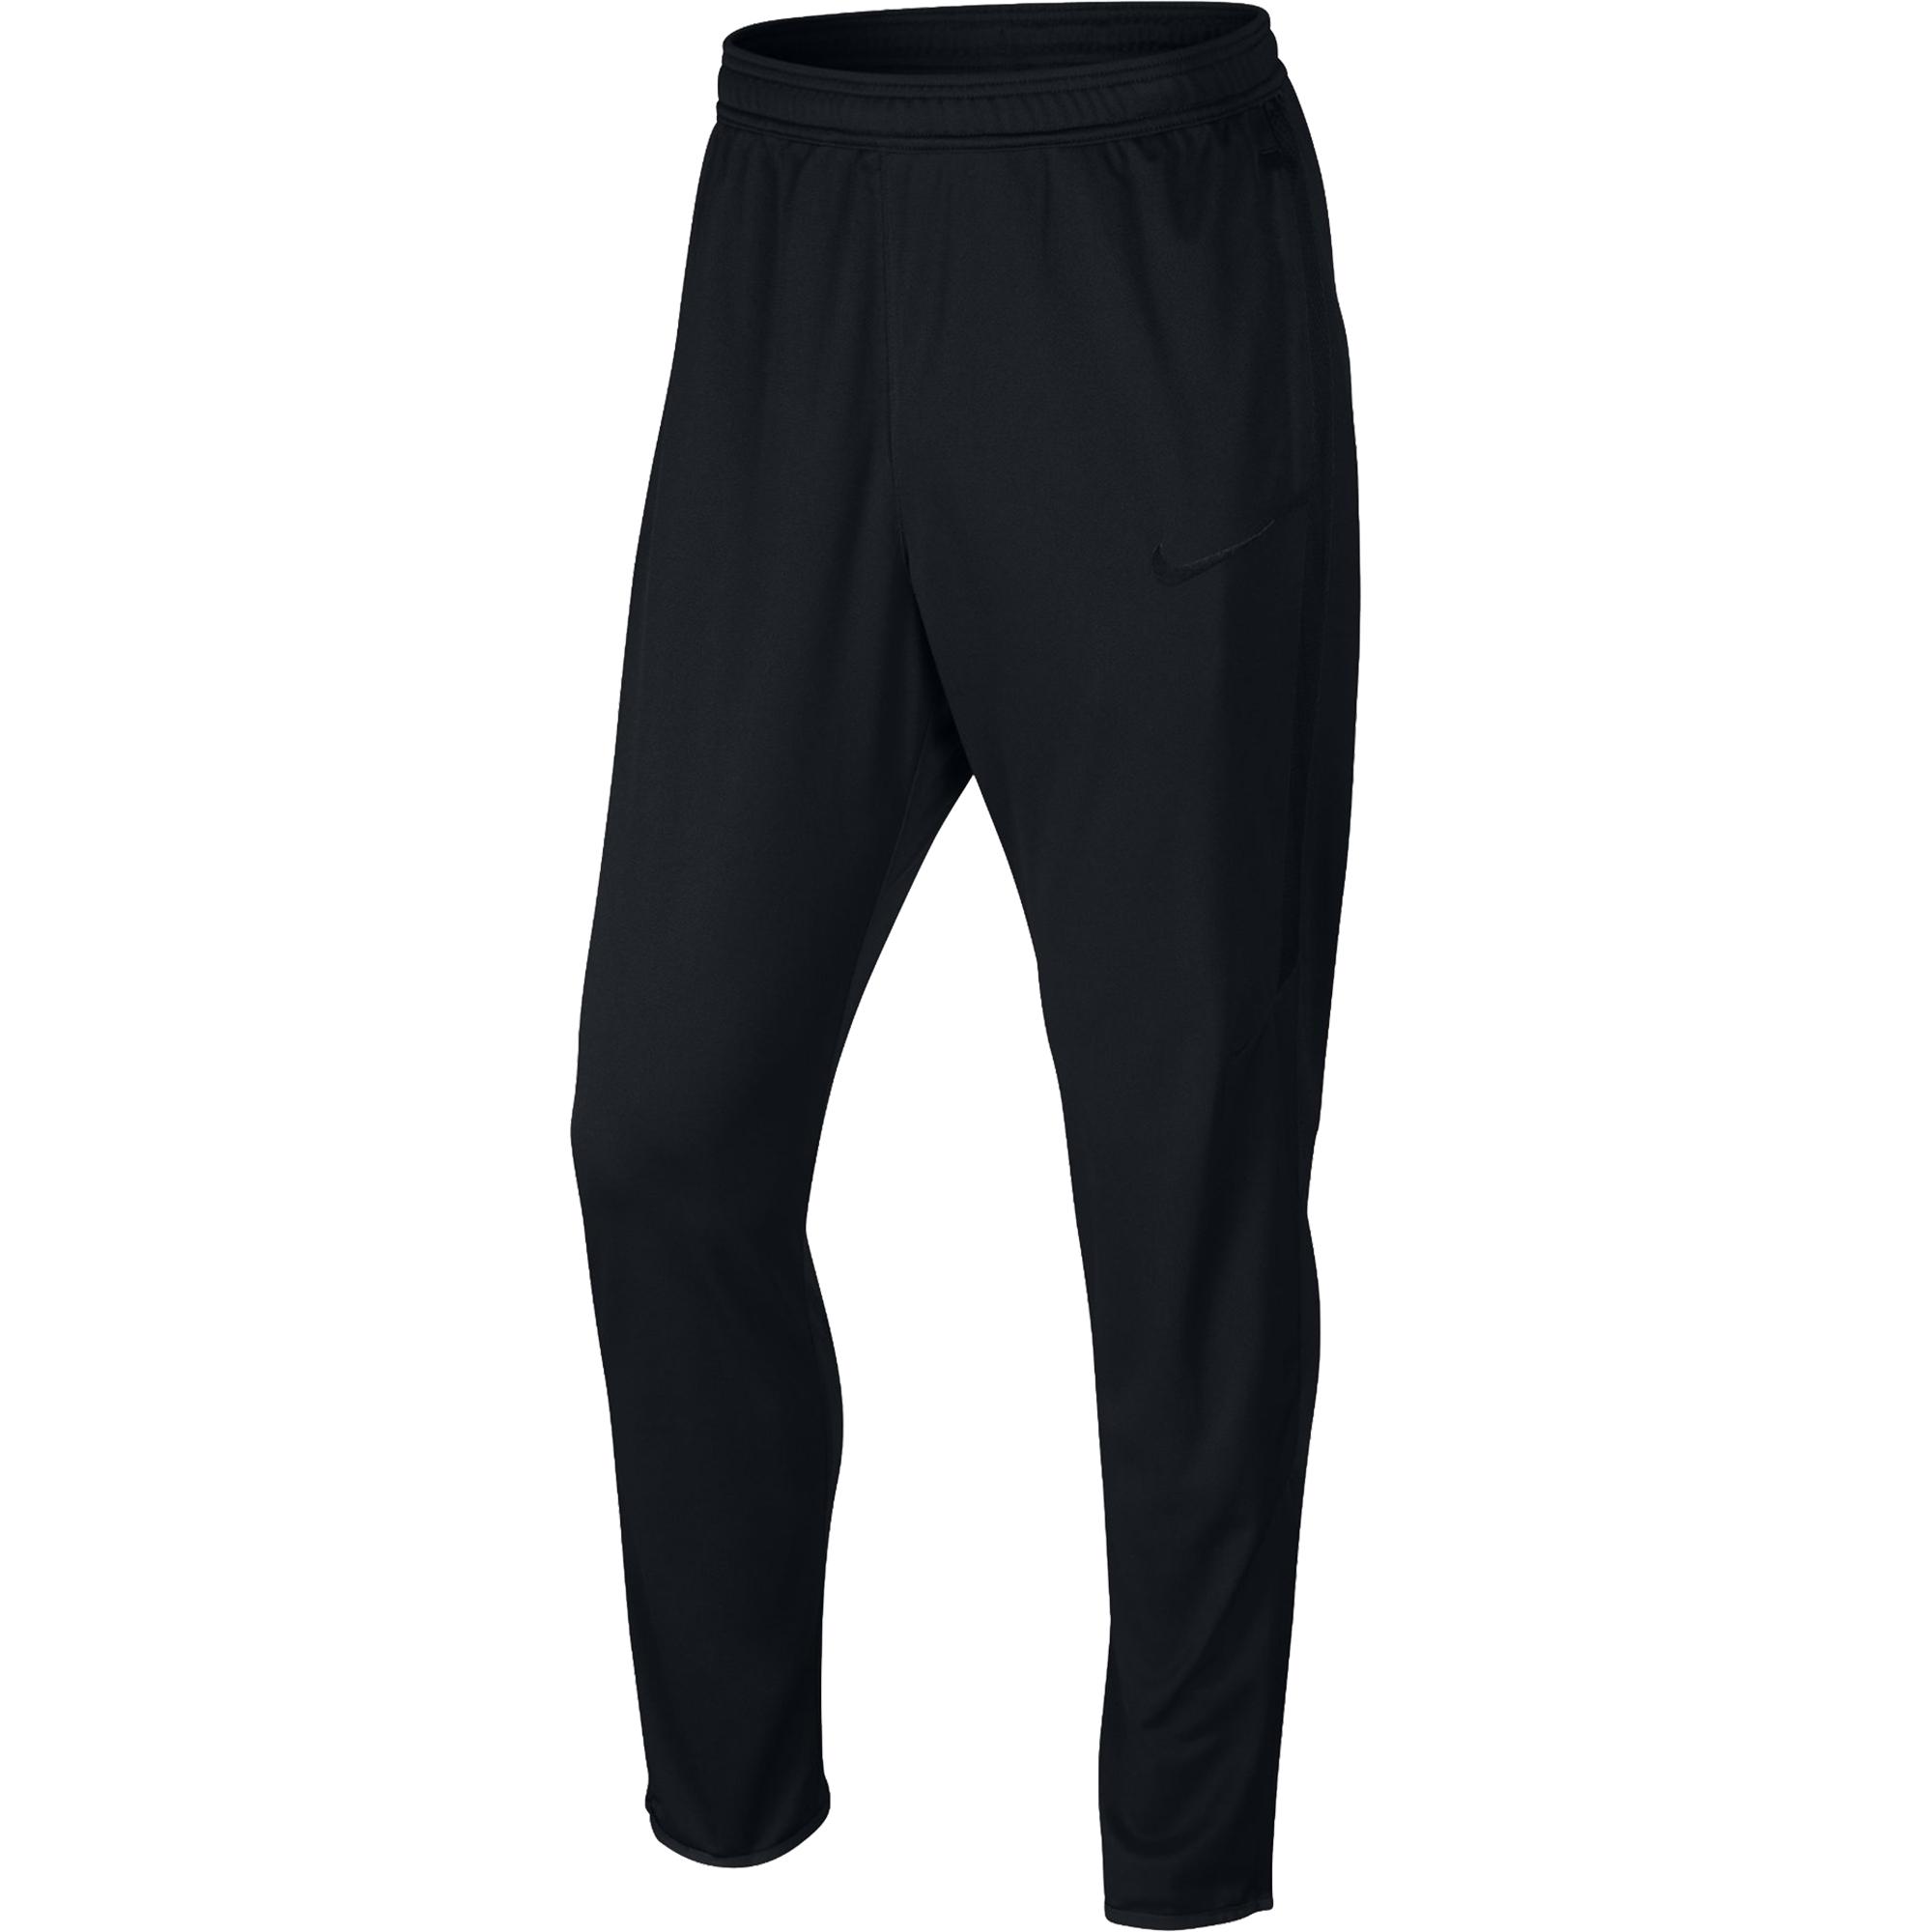 Nike Sideline Revolution Knit Pants (Black)